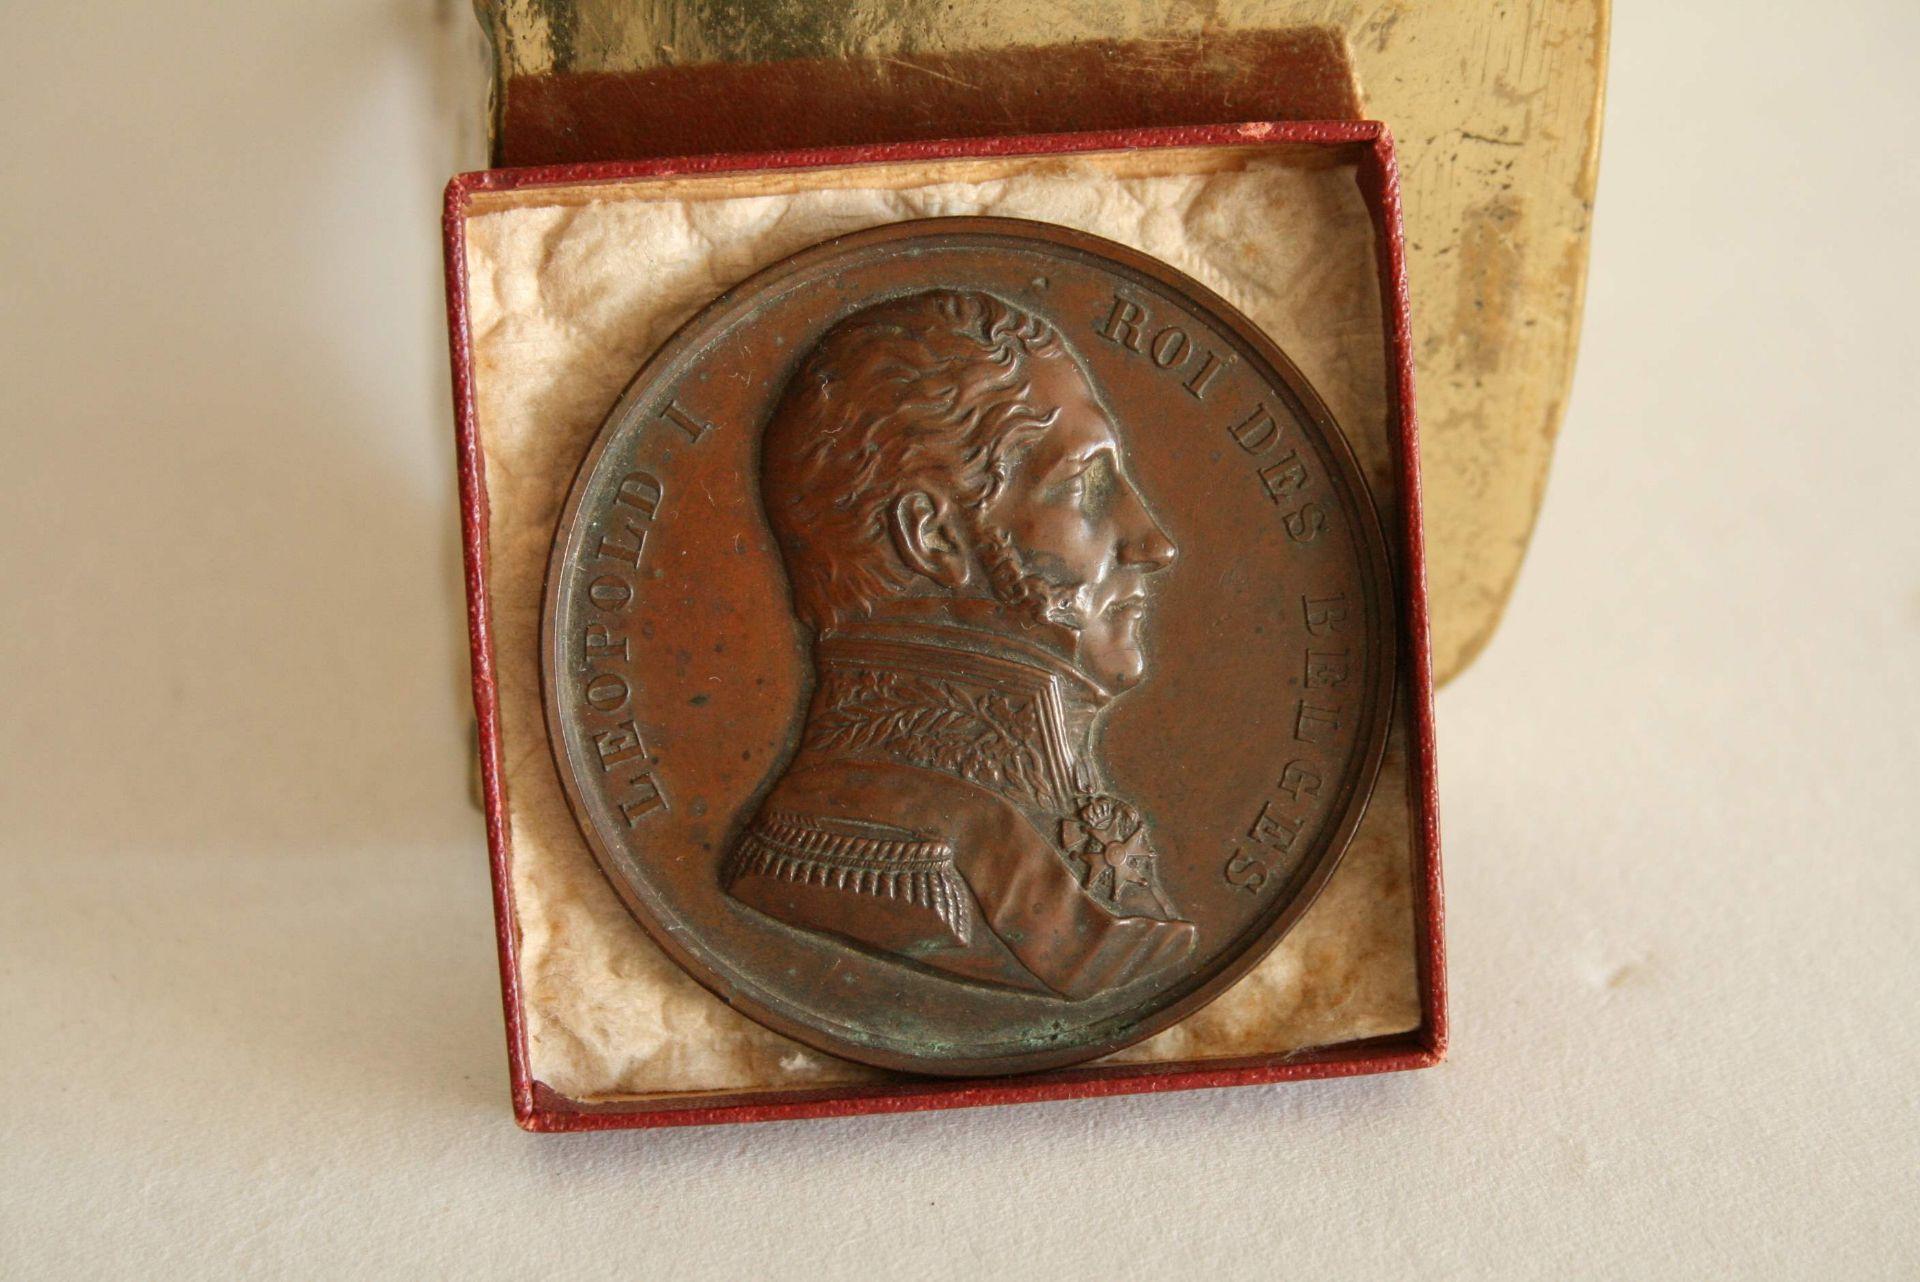 Los 2 - Médaille en bronze : Pose de la première pierre le 27 septembre 1841, Léopold 1. [...]